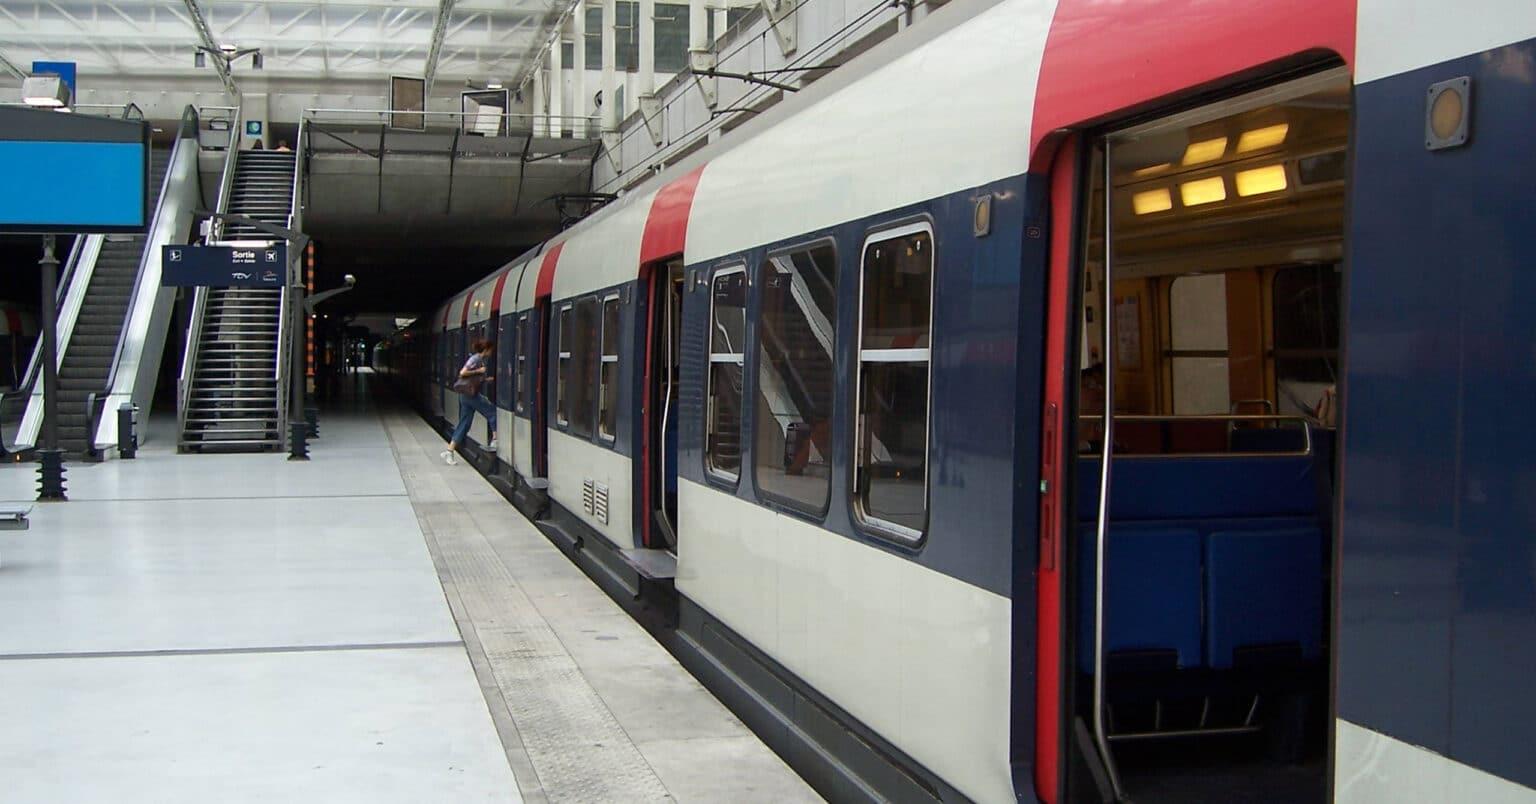 Tren de la línea B del RER de París en la estación del aeropuerto de Charles de Gaulle. HDANIEL.